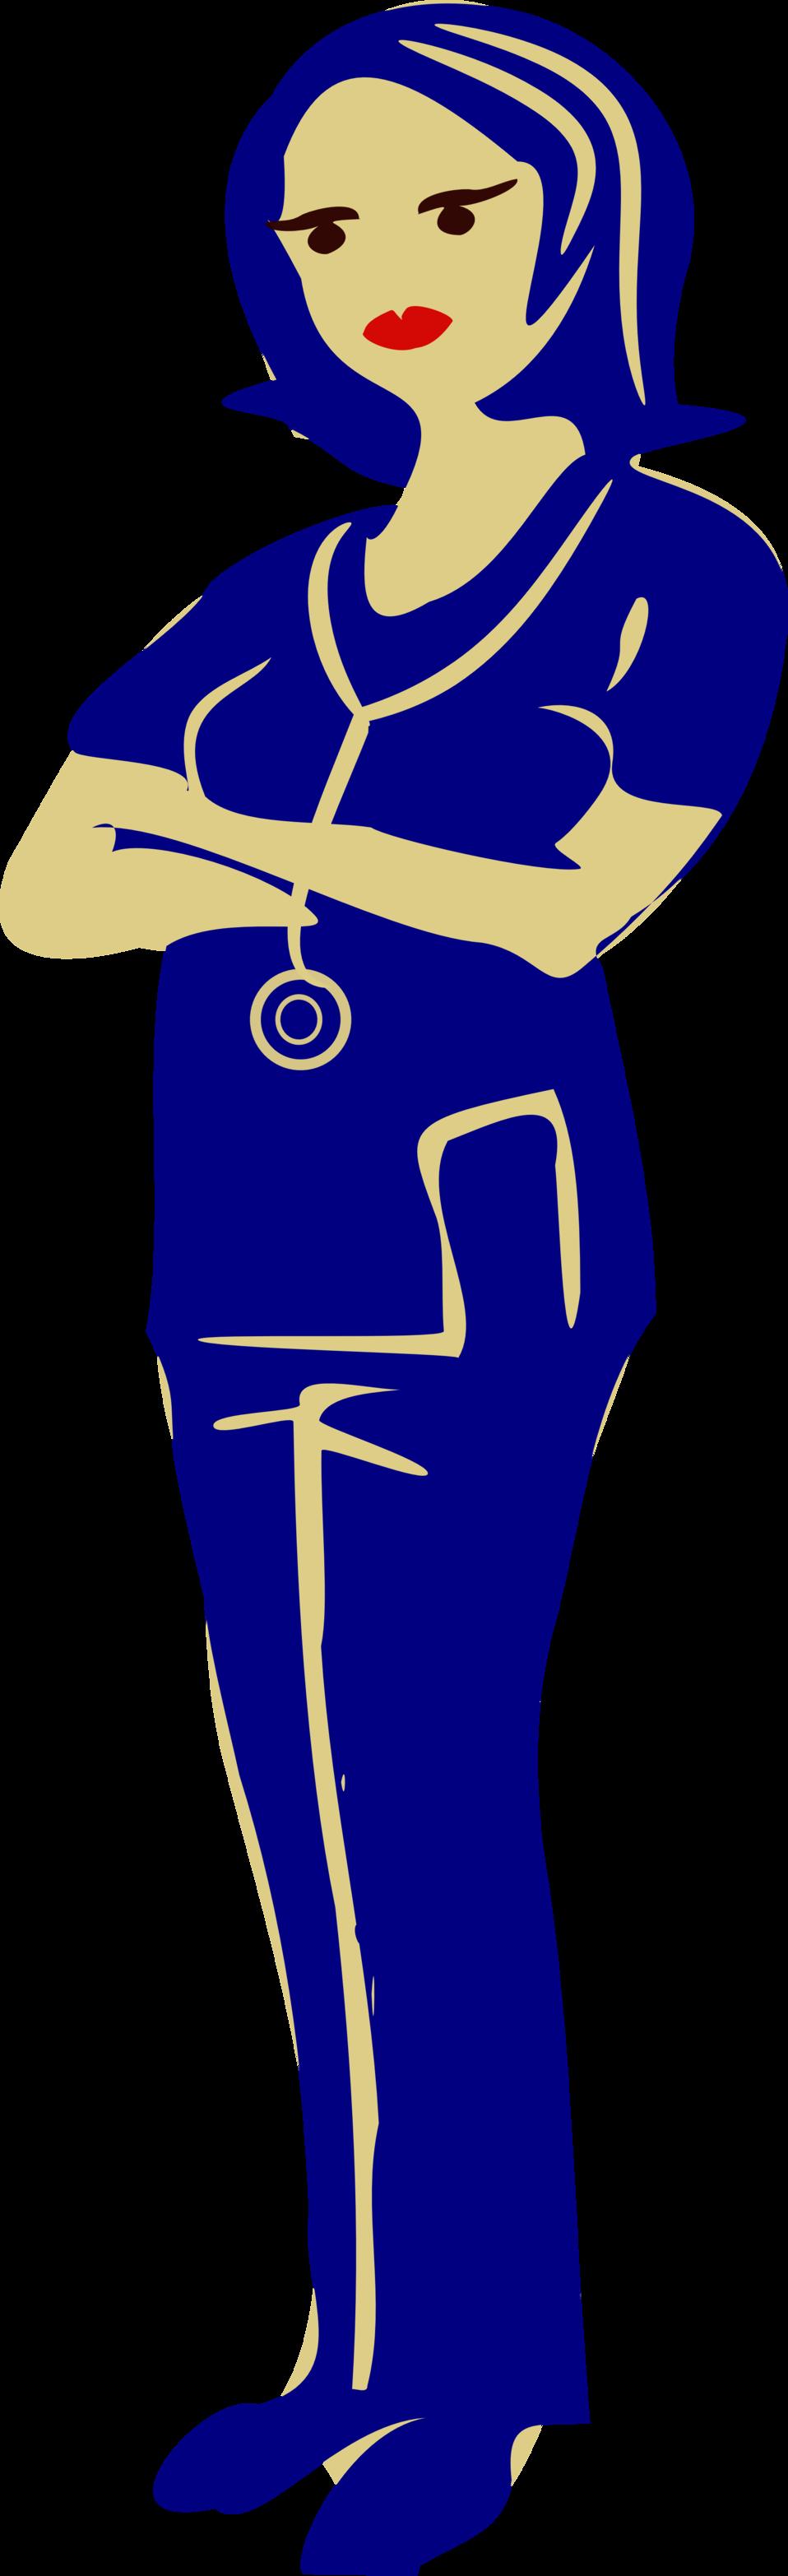 Public domain clip art. Nurse clipart nurse practitioner